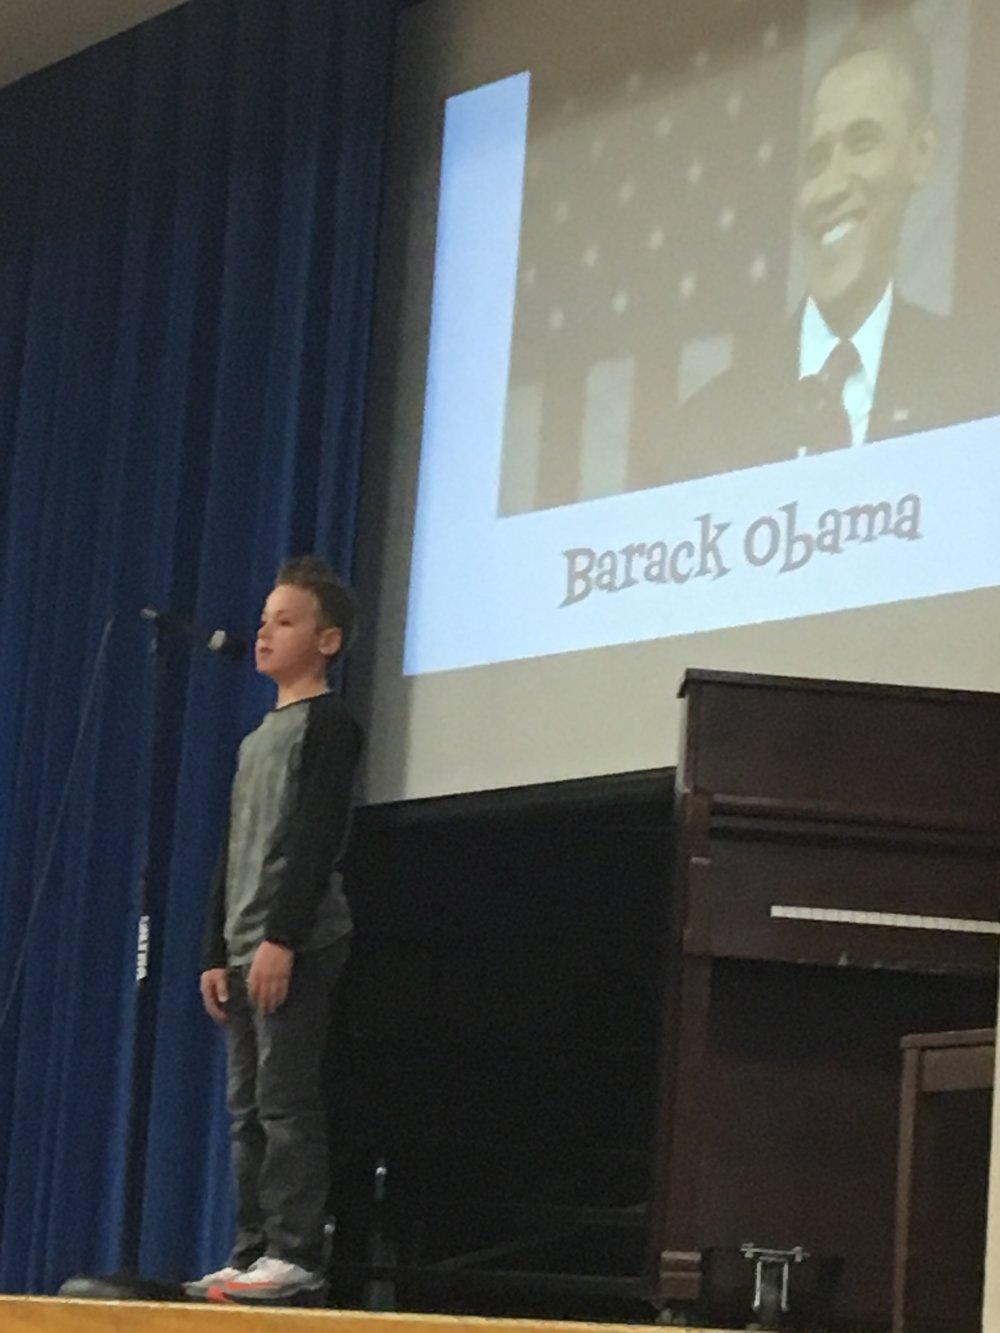 Caden Rains recognizes Barack Obama.